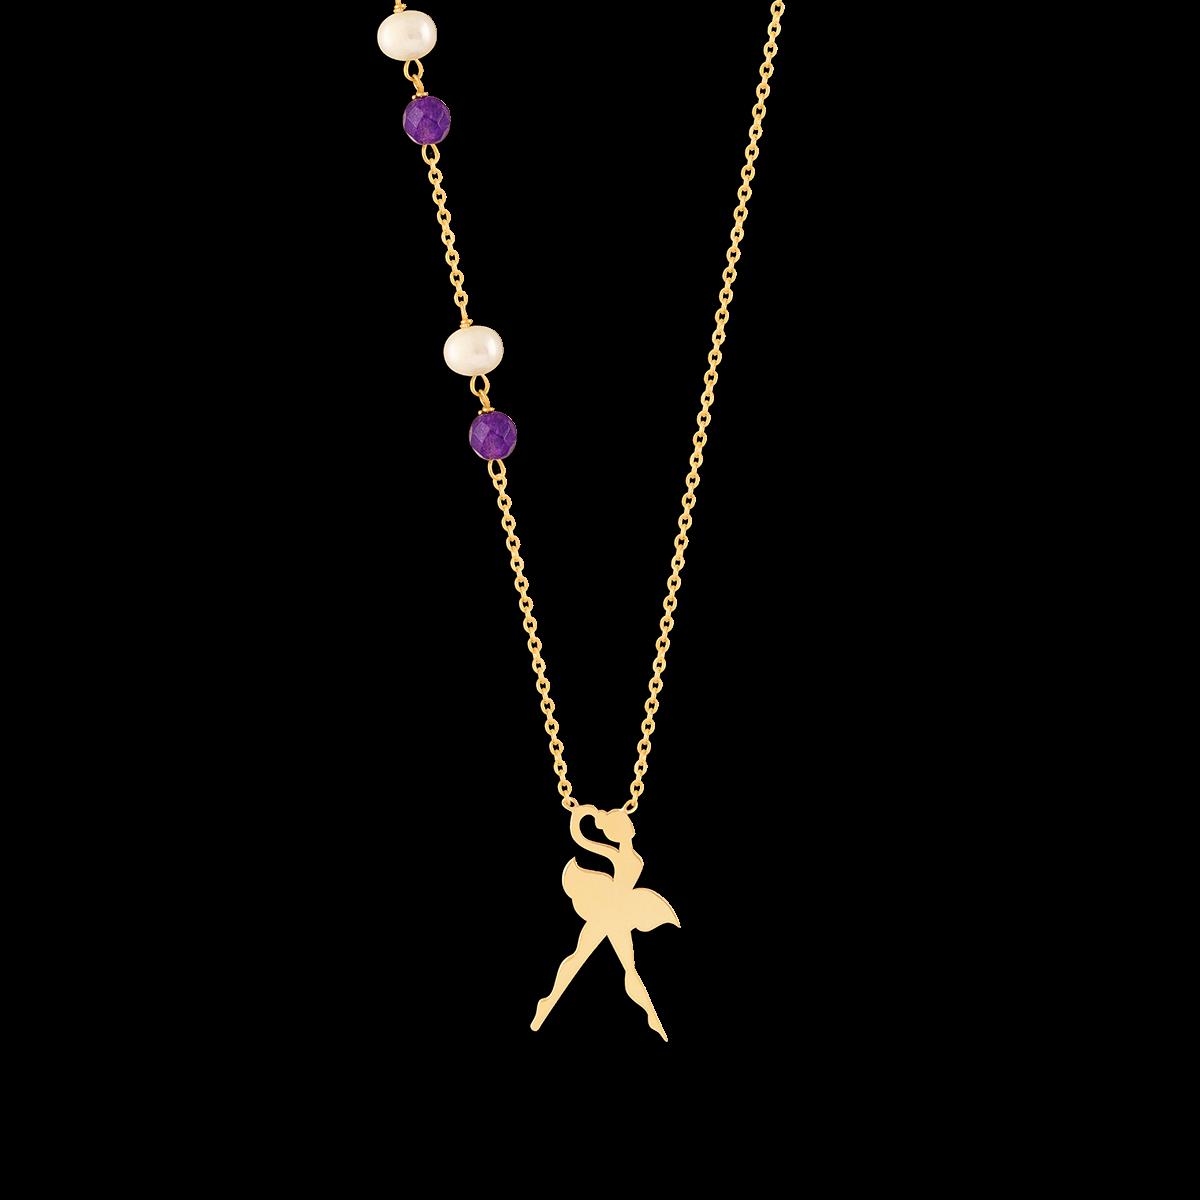 گردنبند طلا رقص باله